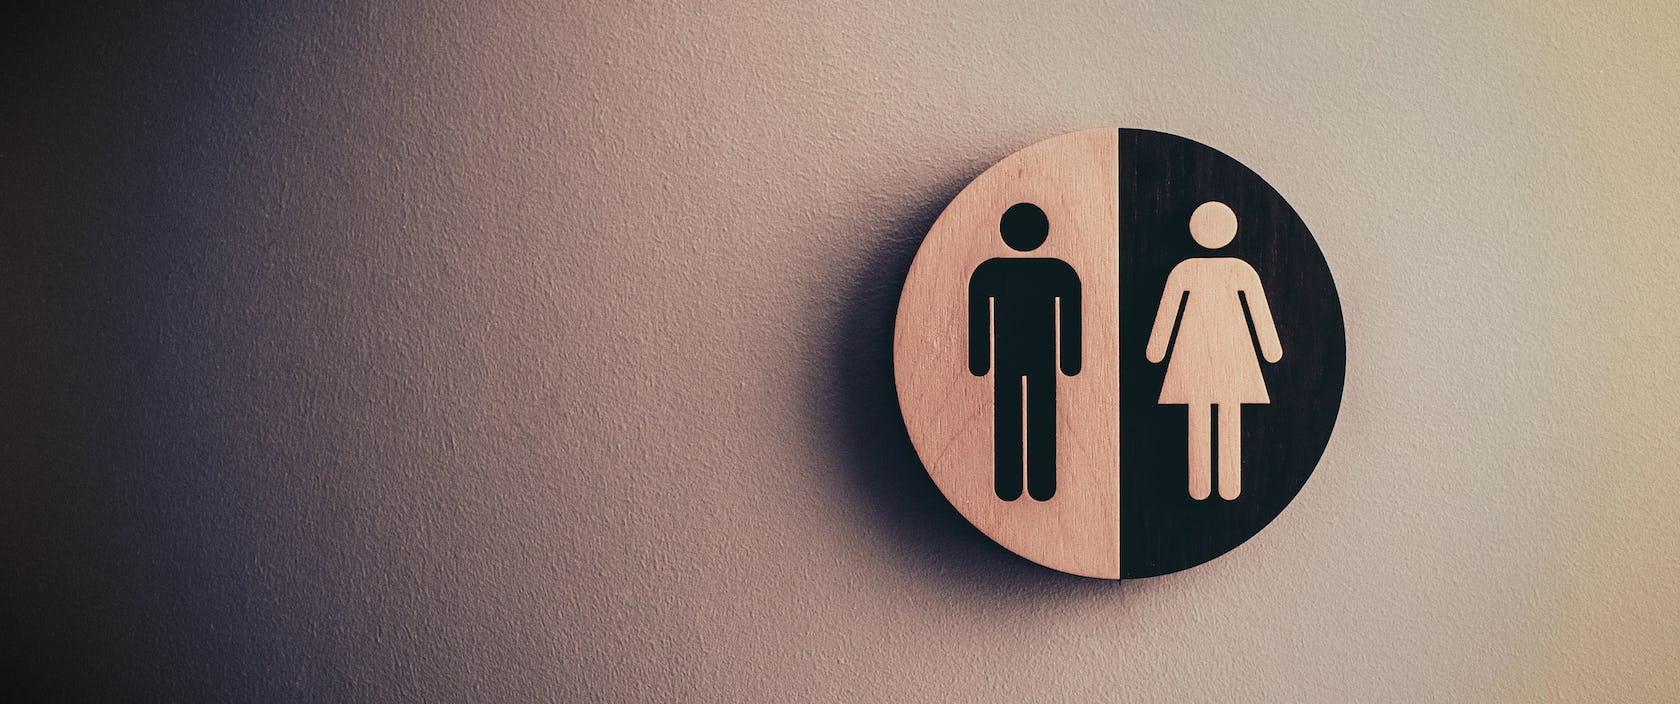 Index de l'égalité hommes-femmes : quelles sont les règles ?